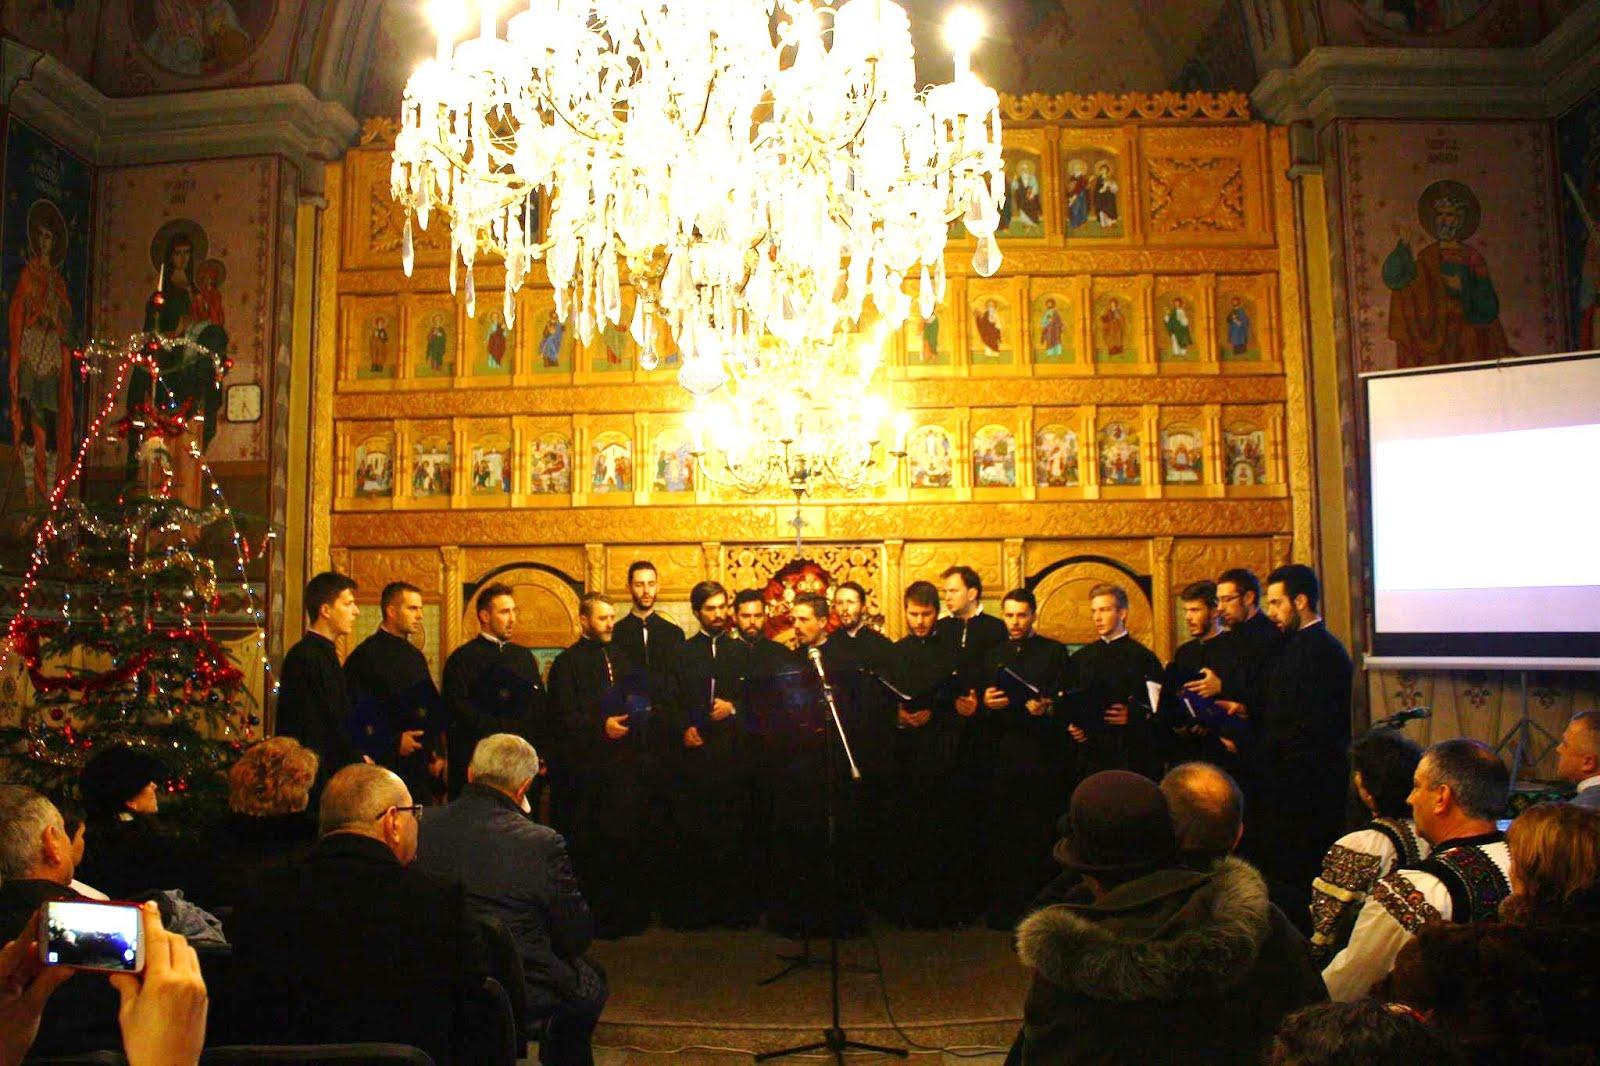 Grupul de muzică bizantină ANASTASIOS la Subcetate, 5 dec. 2015. Foto: Ana Alexandra Dobrean